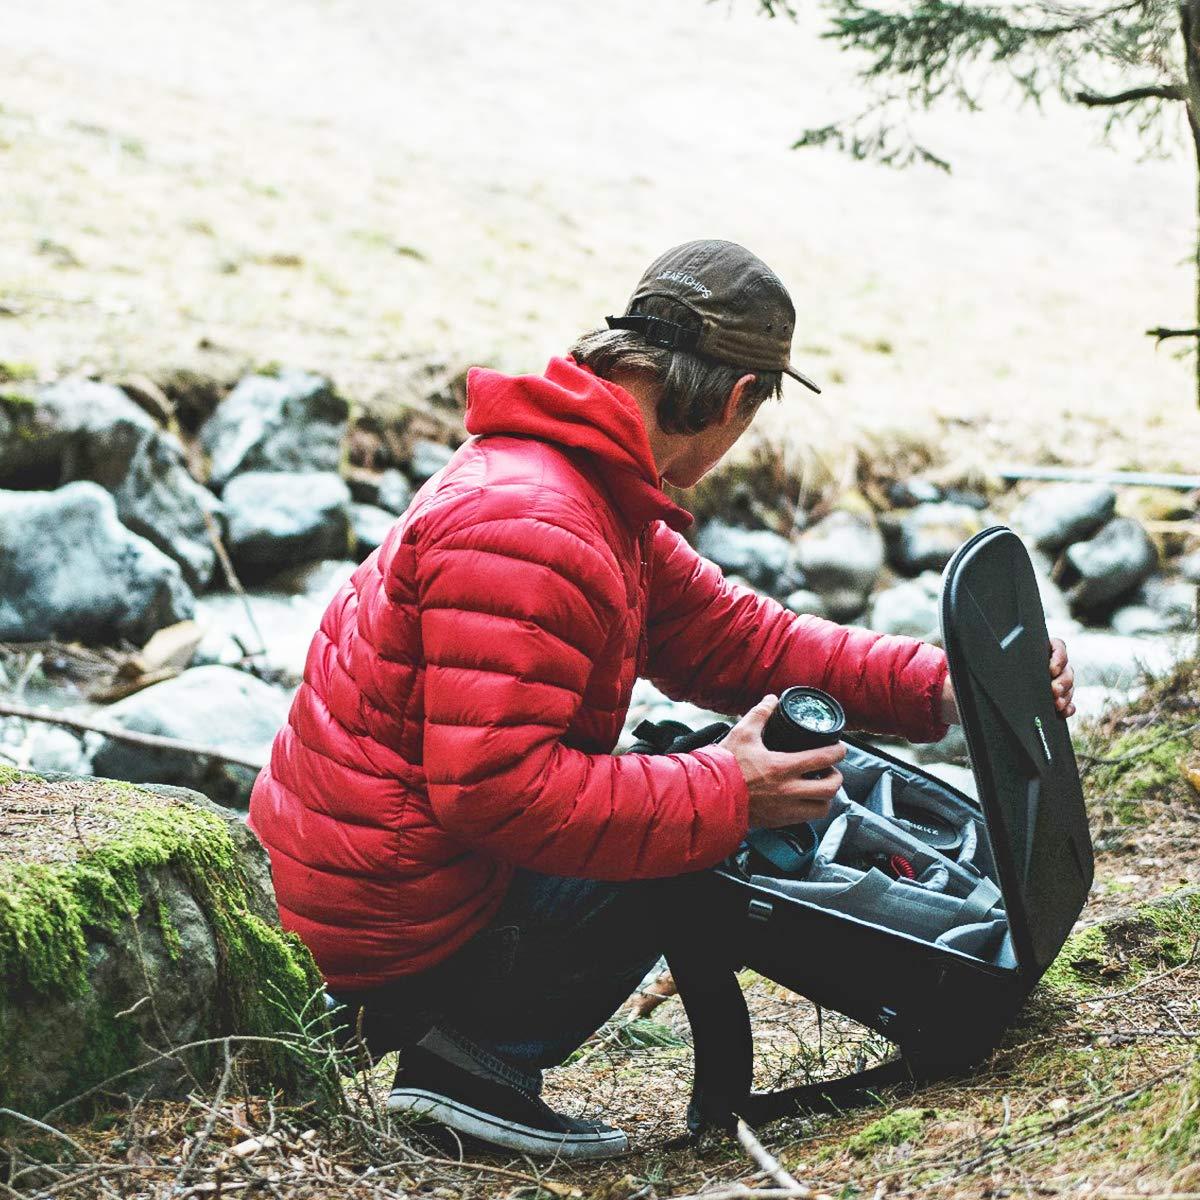 Endurax Kamerarucksack f/ür Spiegelreflexkameras und Fotozubeh/ör mit 14 Zoll Laptopfach